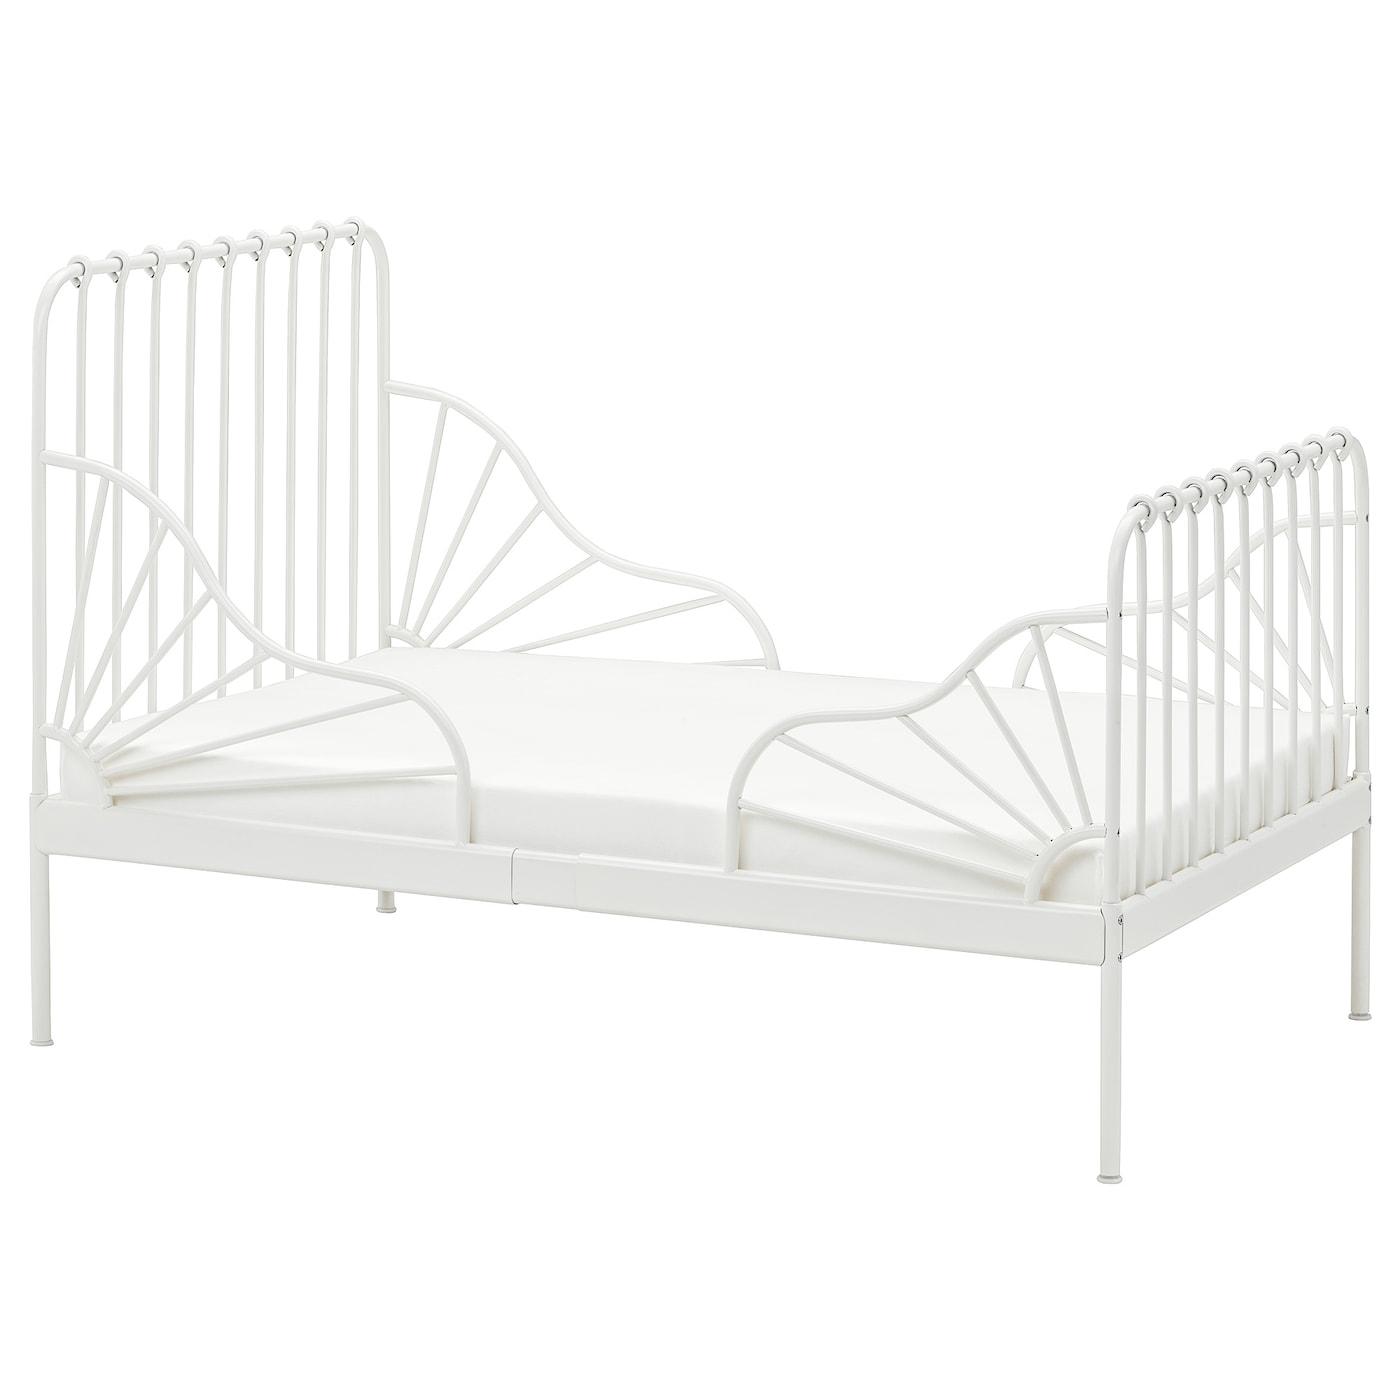 lits juniors filles gar ons barri res de lit lits volutifs ikea. Black Bedroom Furniture Sets. Home Design Ideas